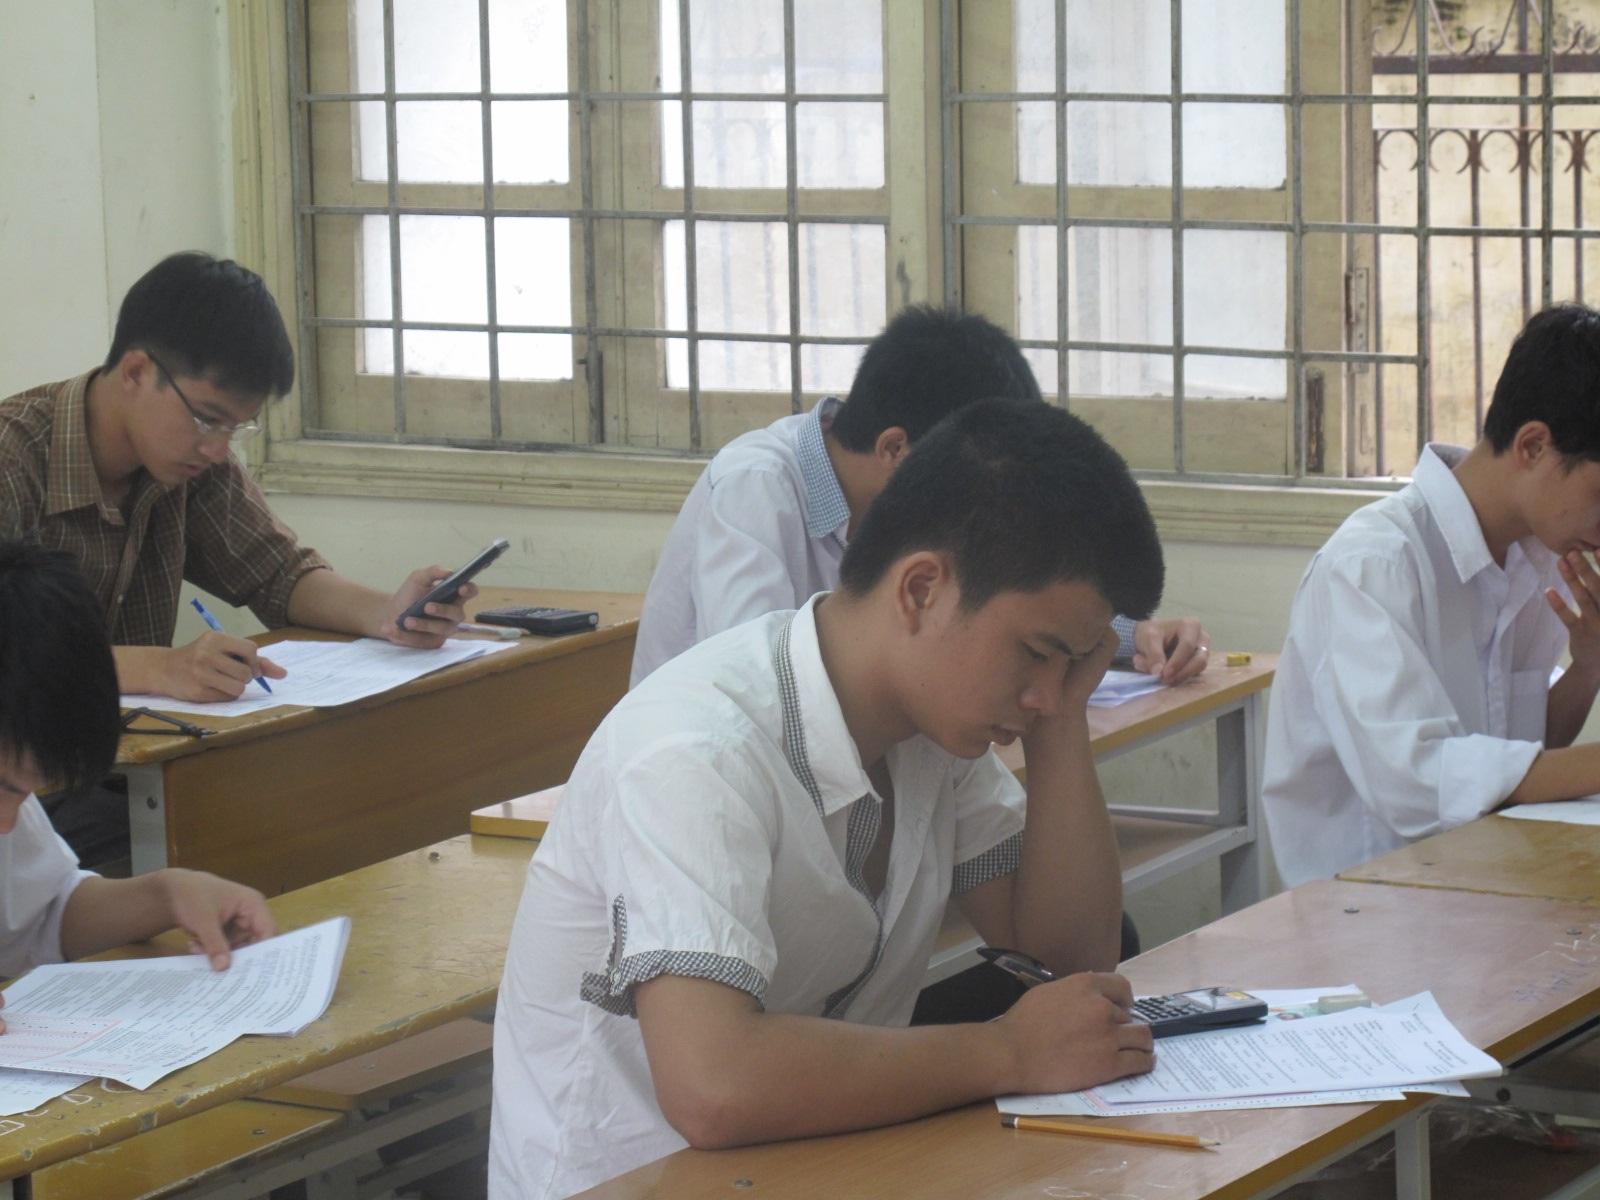 Thi THPT quốc gia 2015, thí sinh dự thi trong 4 ngày